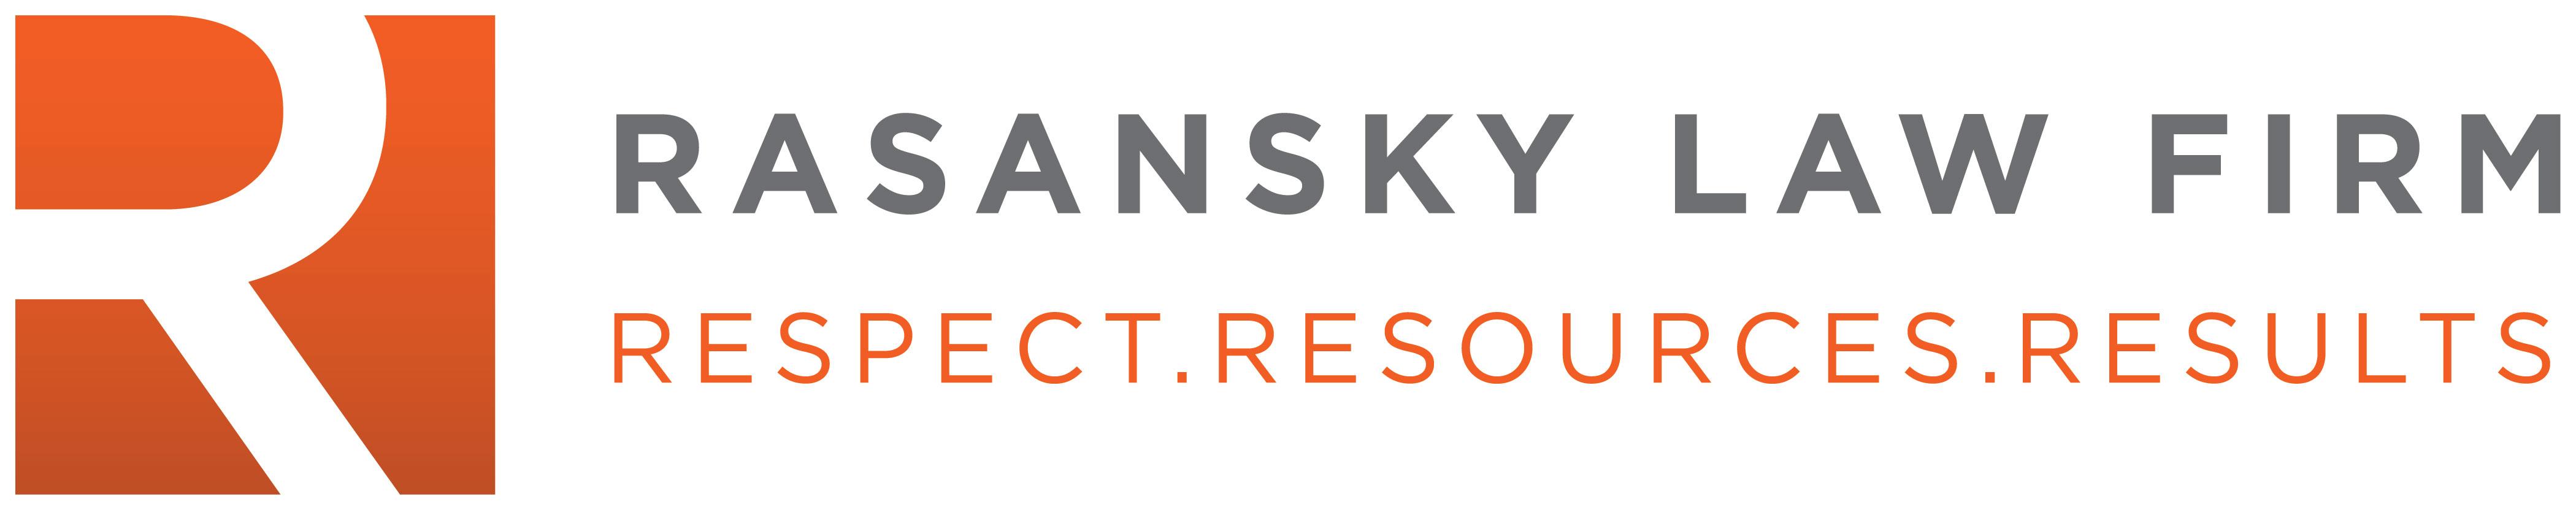 Rasansky Law Firm image 1